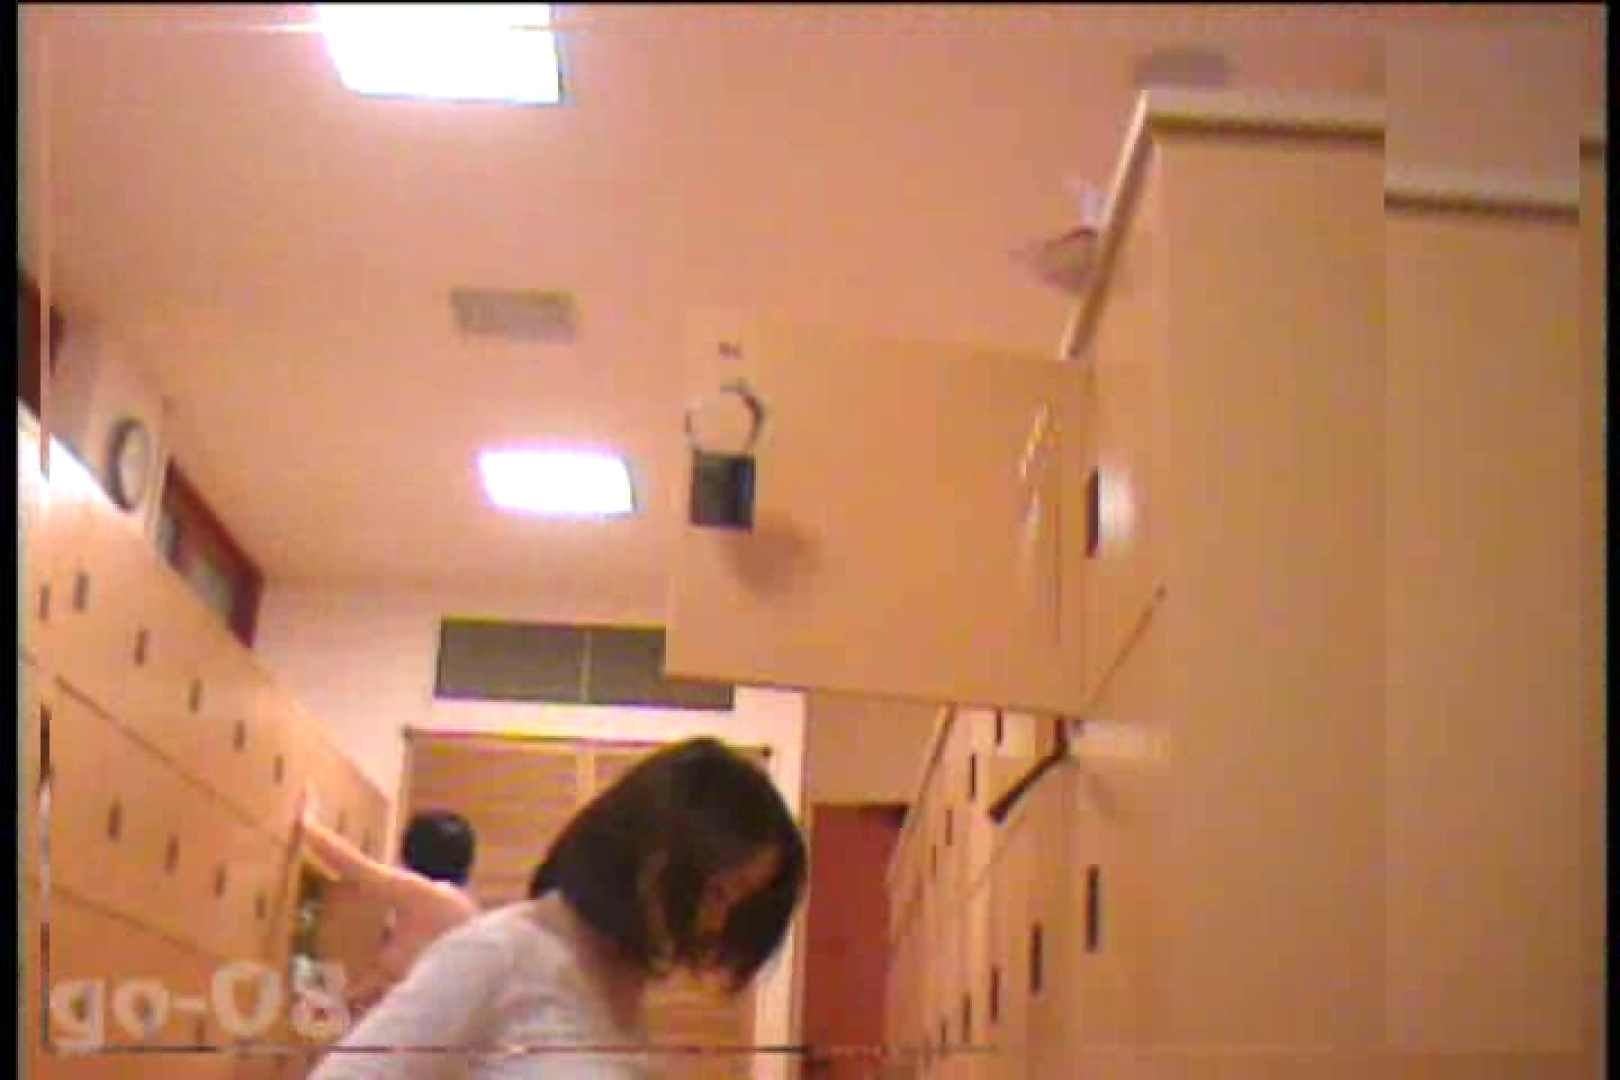 電波カメラ設置浴場からの防HAN映像 Vol.08 OLのボディ   盗撮  65PIX 13